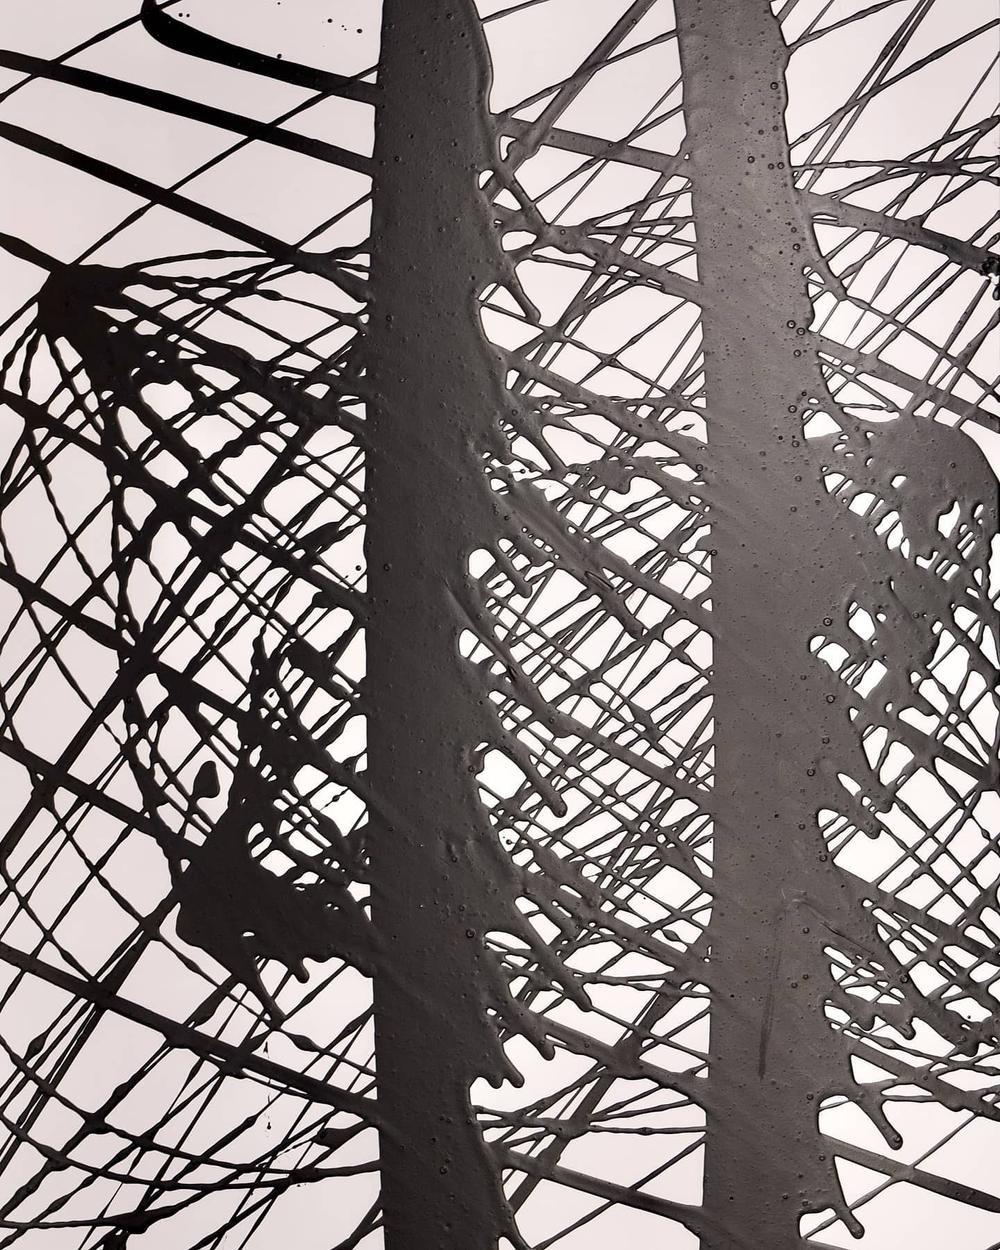 Điểm mặt những nghệ sĩ Kpop đầu tiên tham gia trưng bày tác phẩm tại triển lãm nghệ thuật London